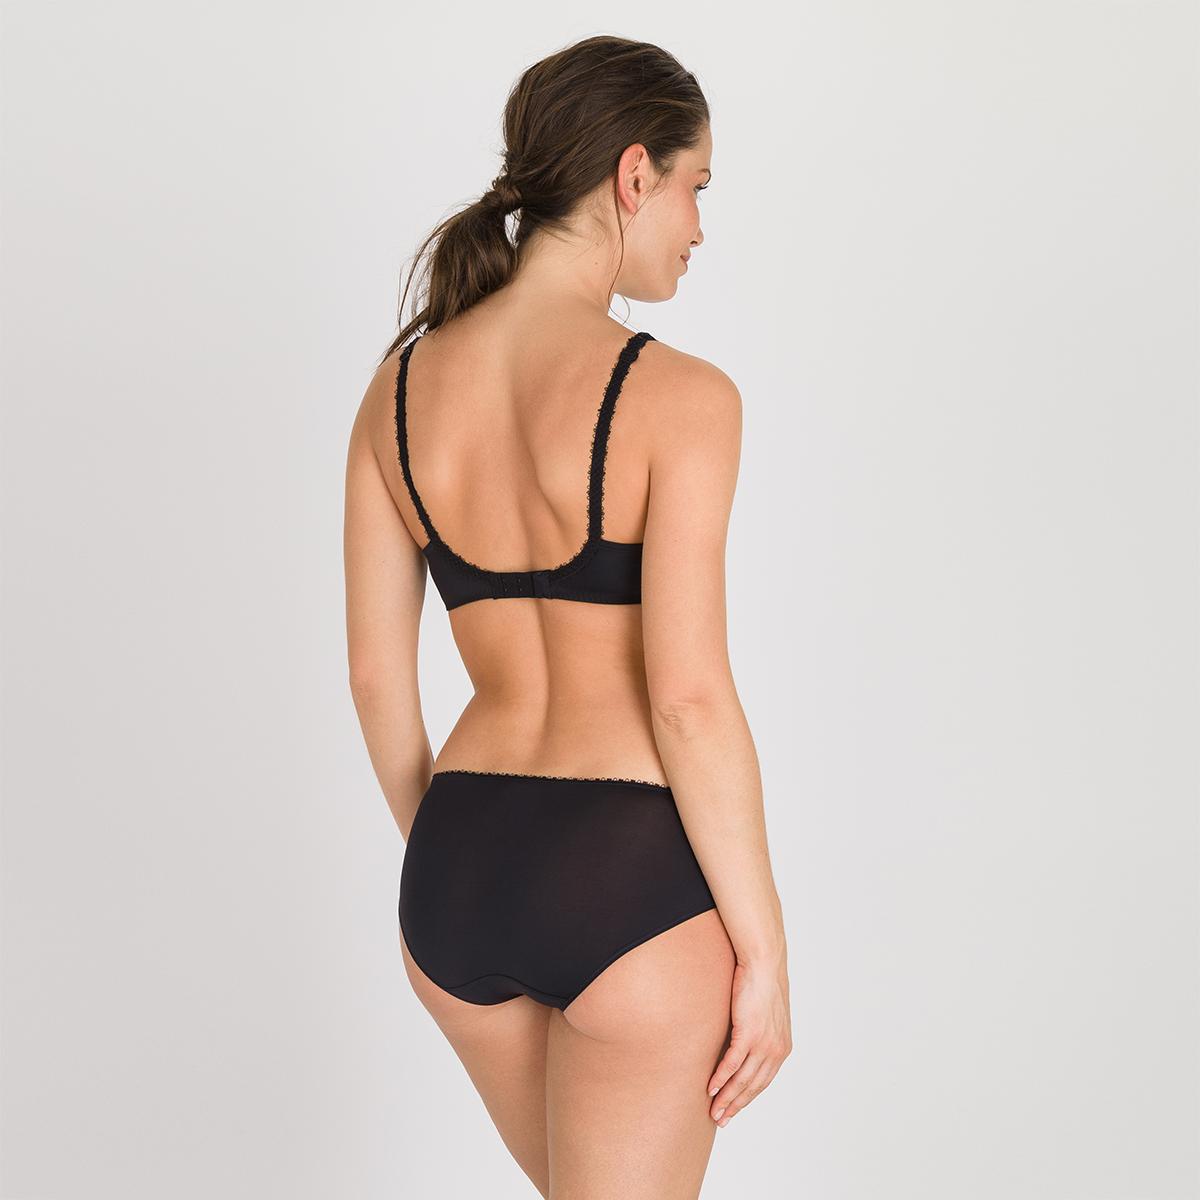 Spacer bra in black - Flower Elegance, , PLAYTEX